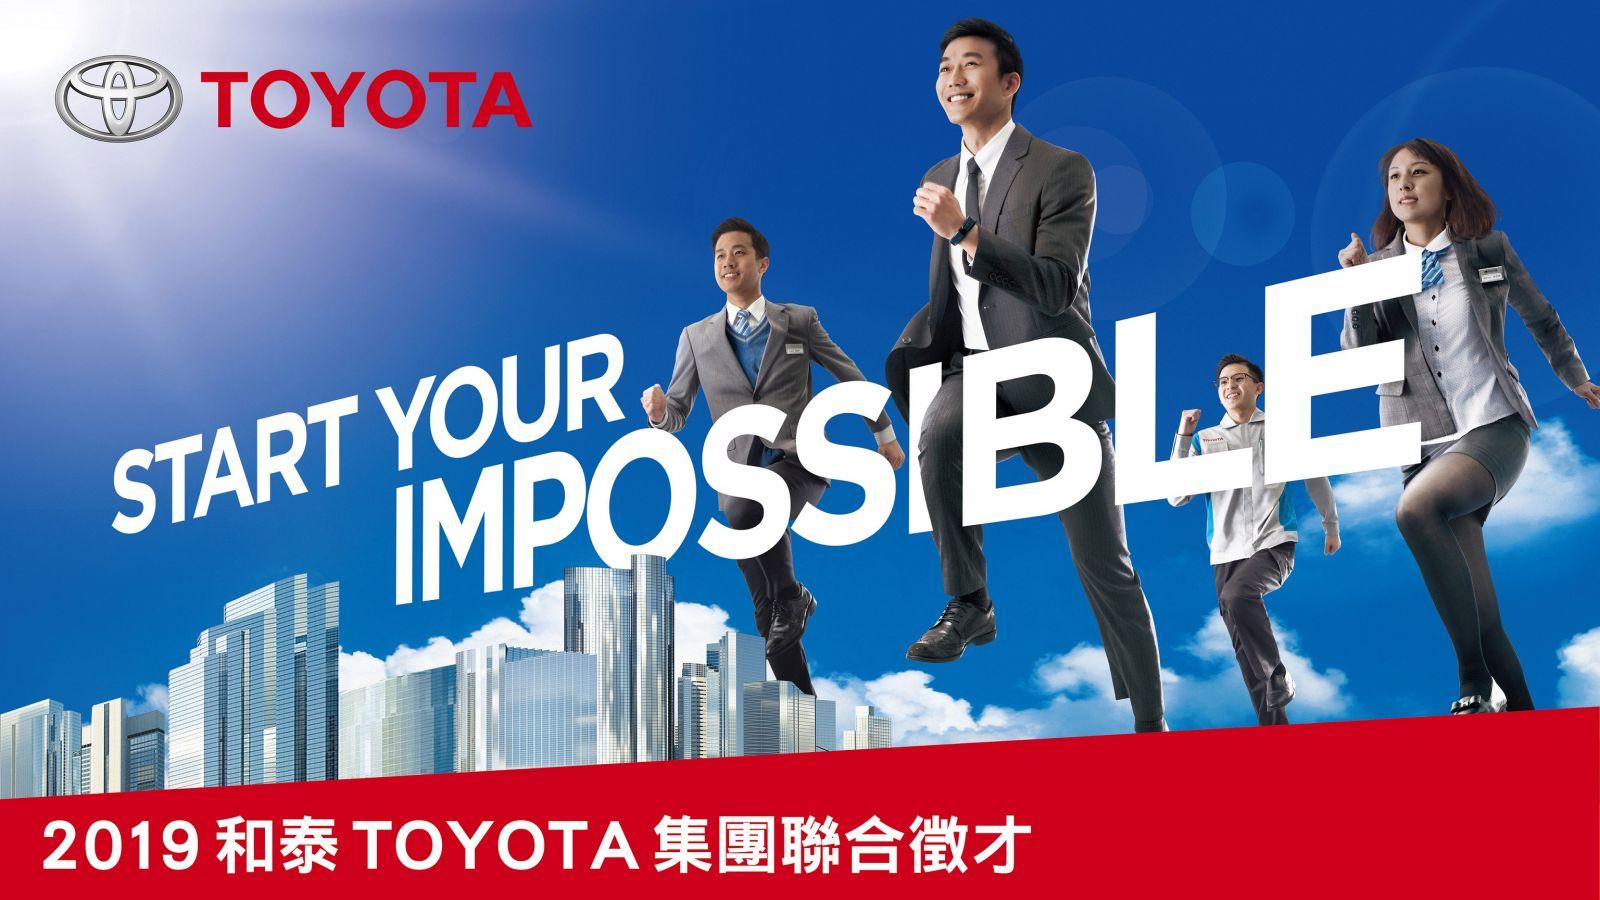 和泰TOYOTA集團徵才 啟動你的無限可能 - Yahoo奇摩汽車機車